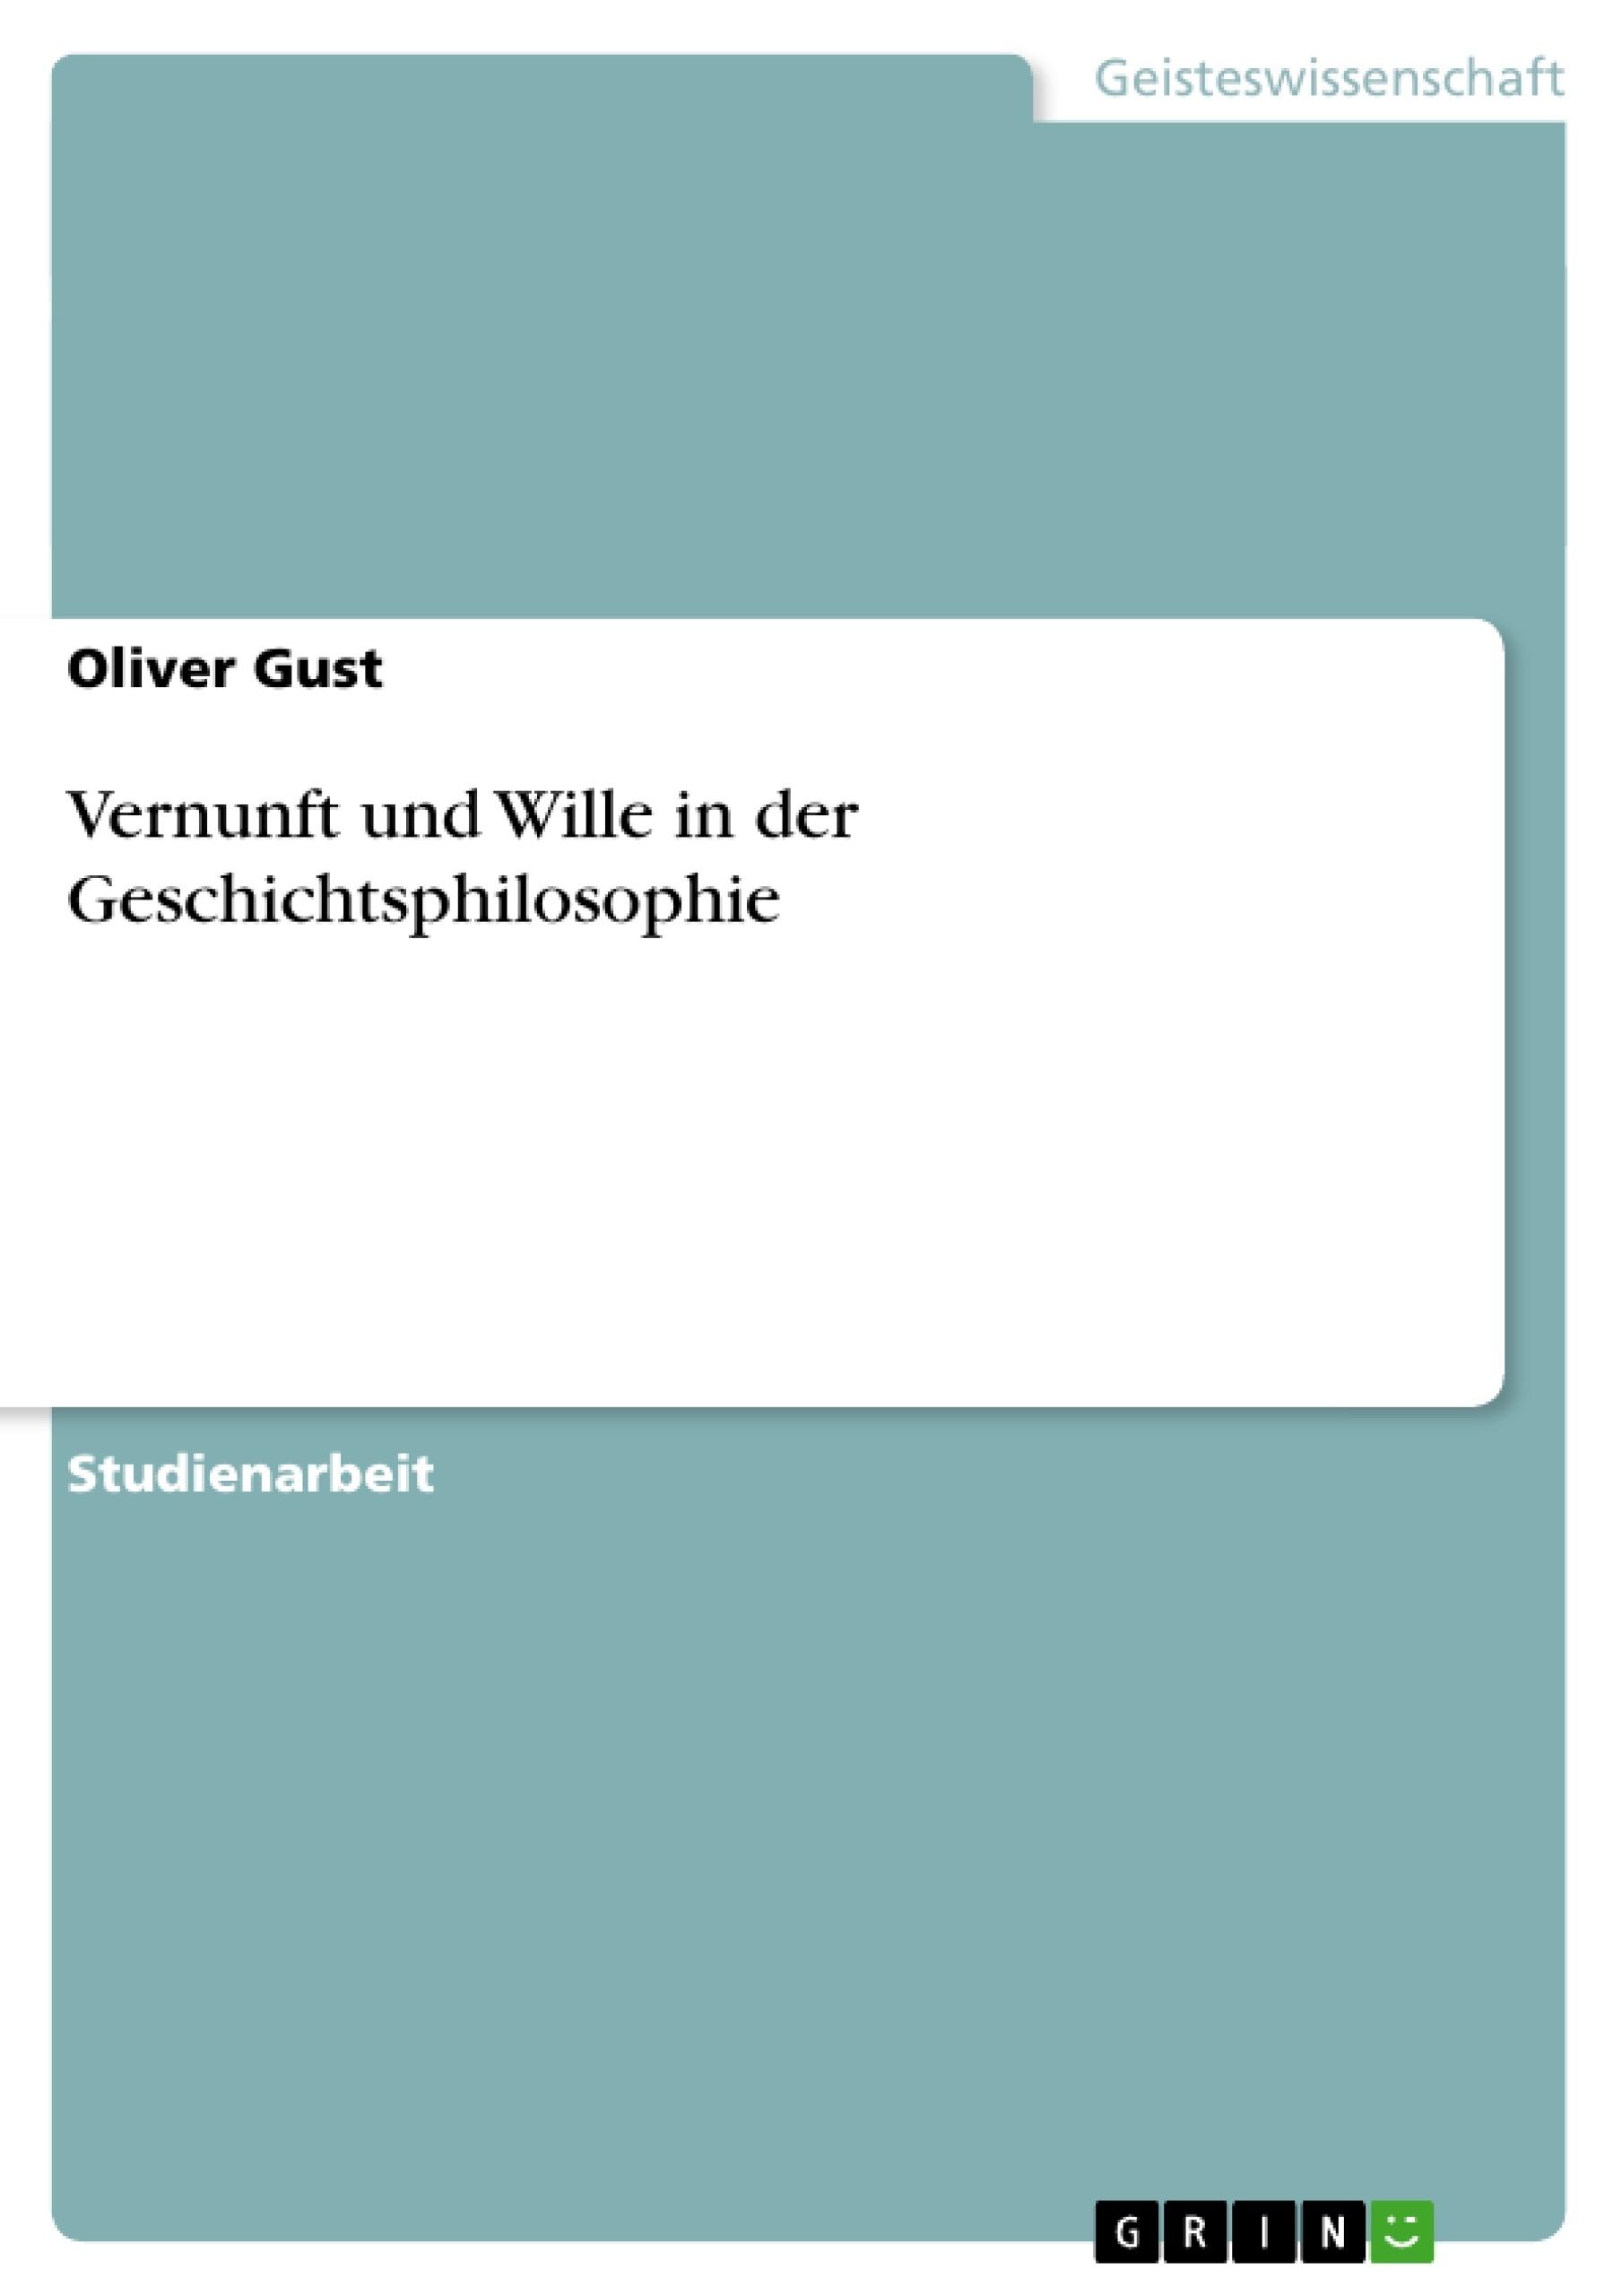 Titel: Vernunft und Wille in der Geschichtsphilosophie